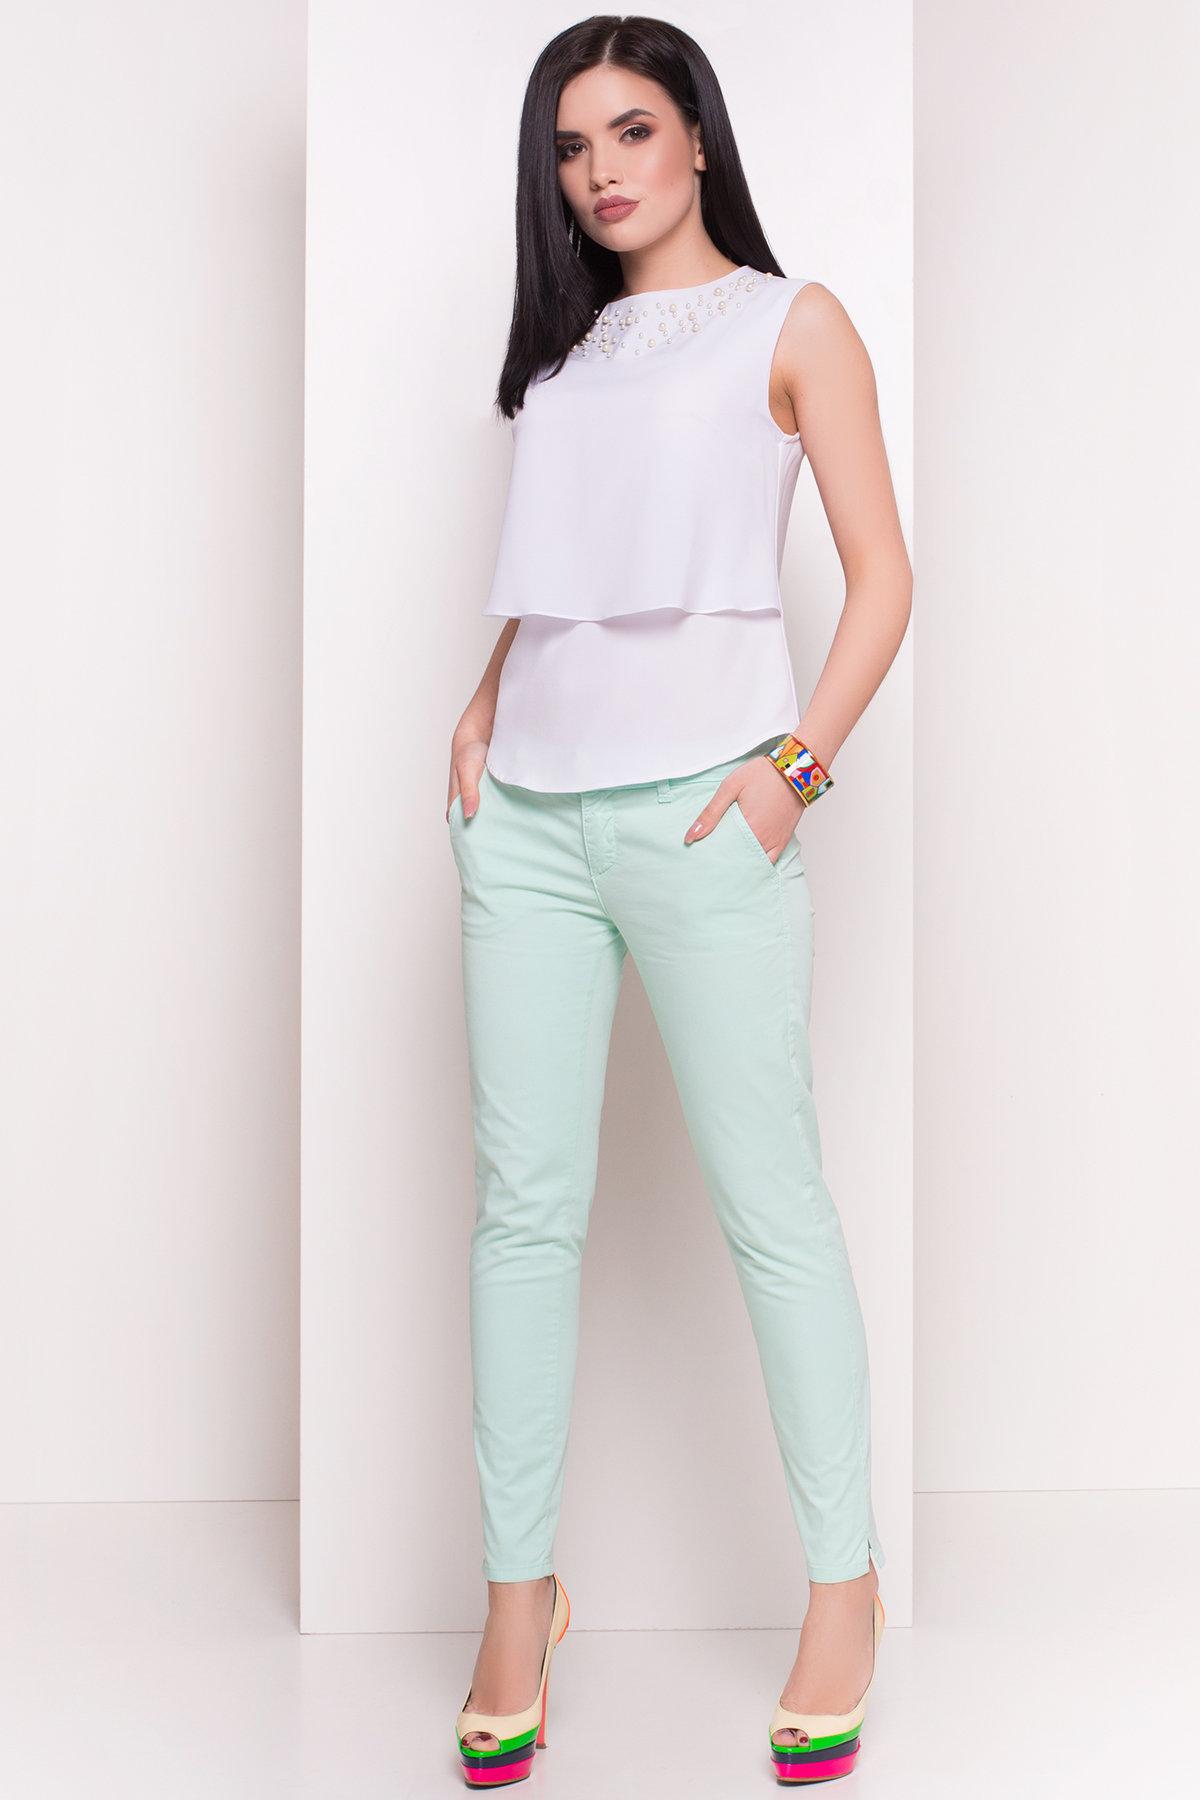 Женская одежда оптом Украина Modus Блузка Арома жемчуг 2960